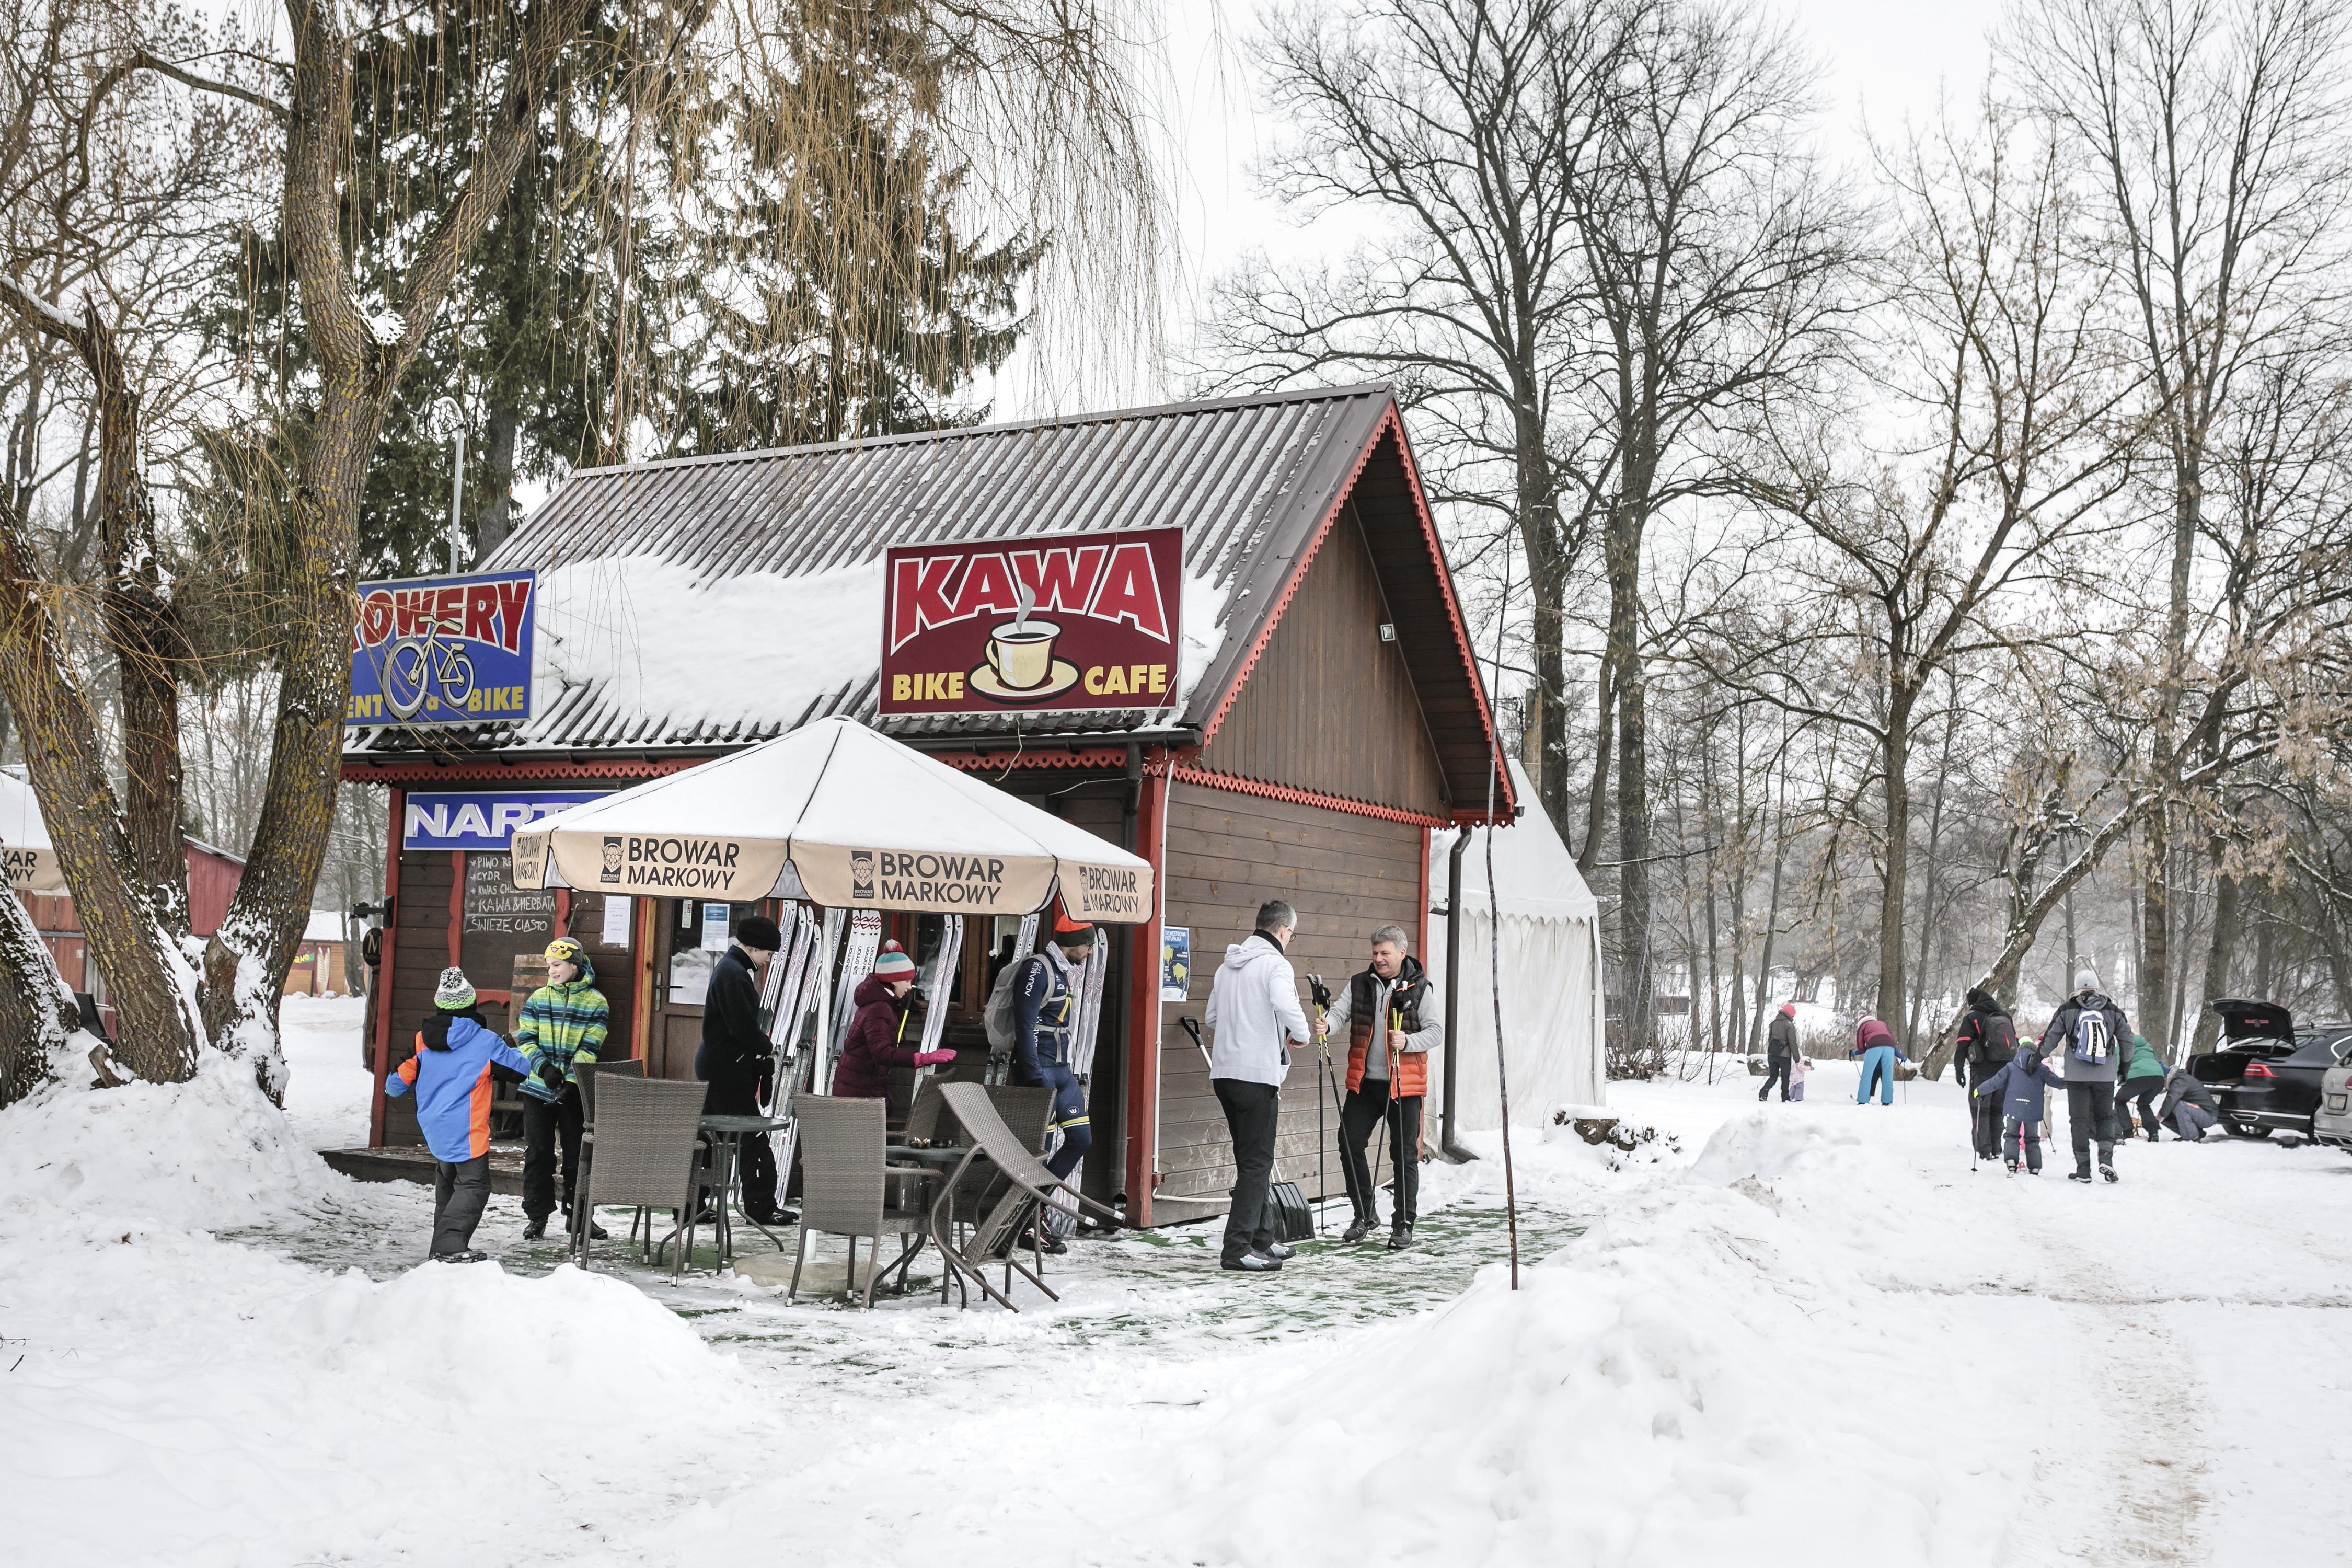 Slawomir Dron, con un chaleco naranja, administra una cafetería a la entrada del bosque, y apoyaba a activistas y científicos que se oponían a la tala. (Andrea Mantovani/The New York Times)